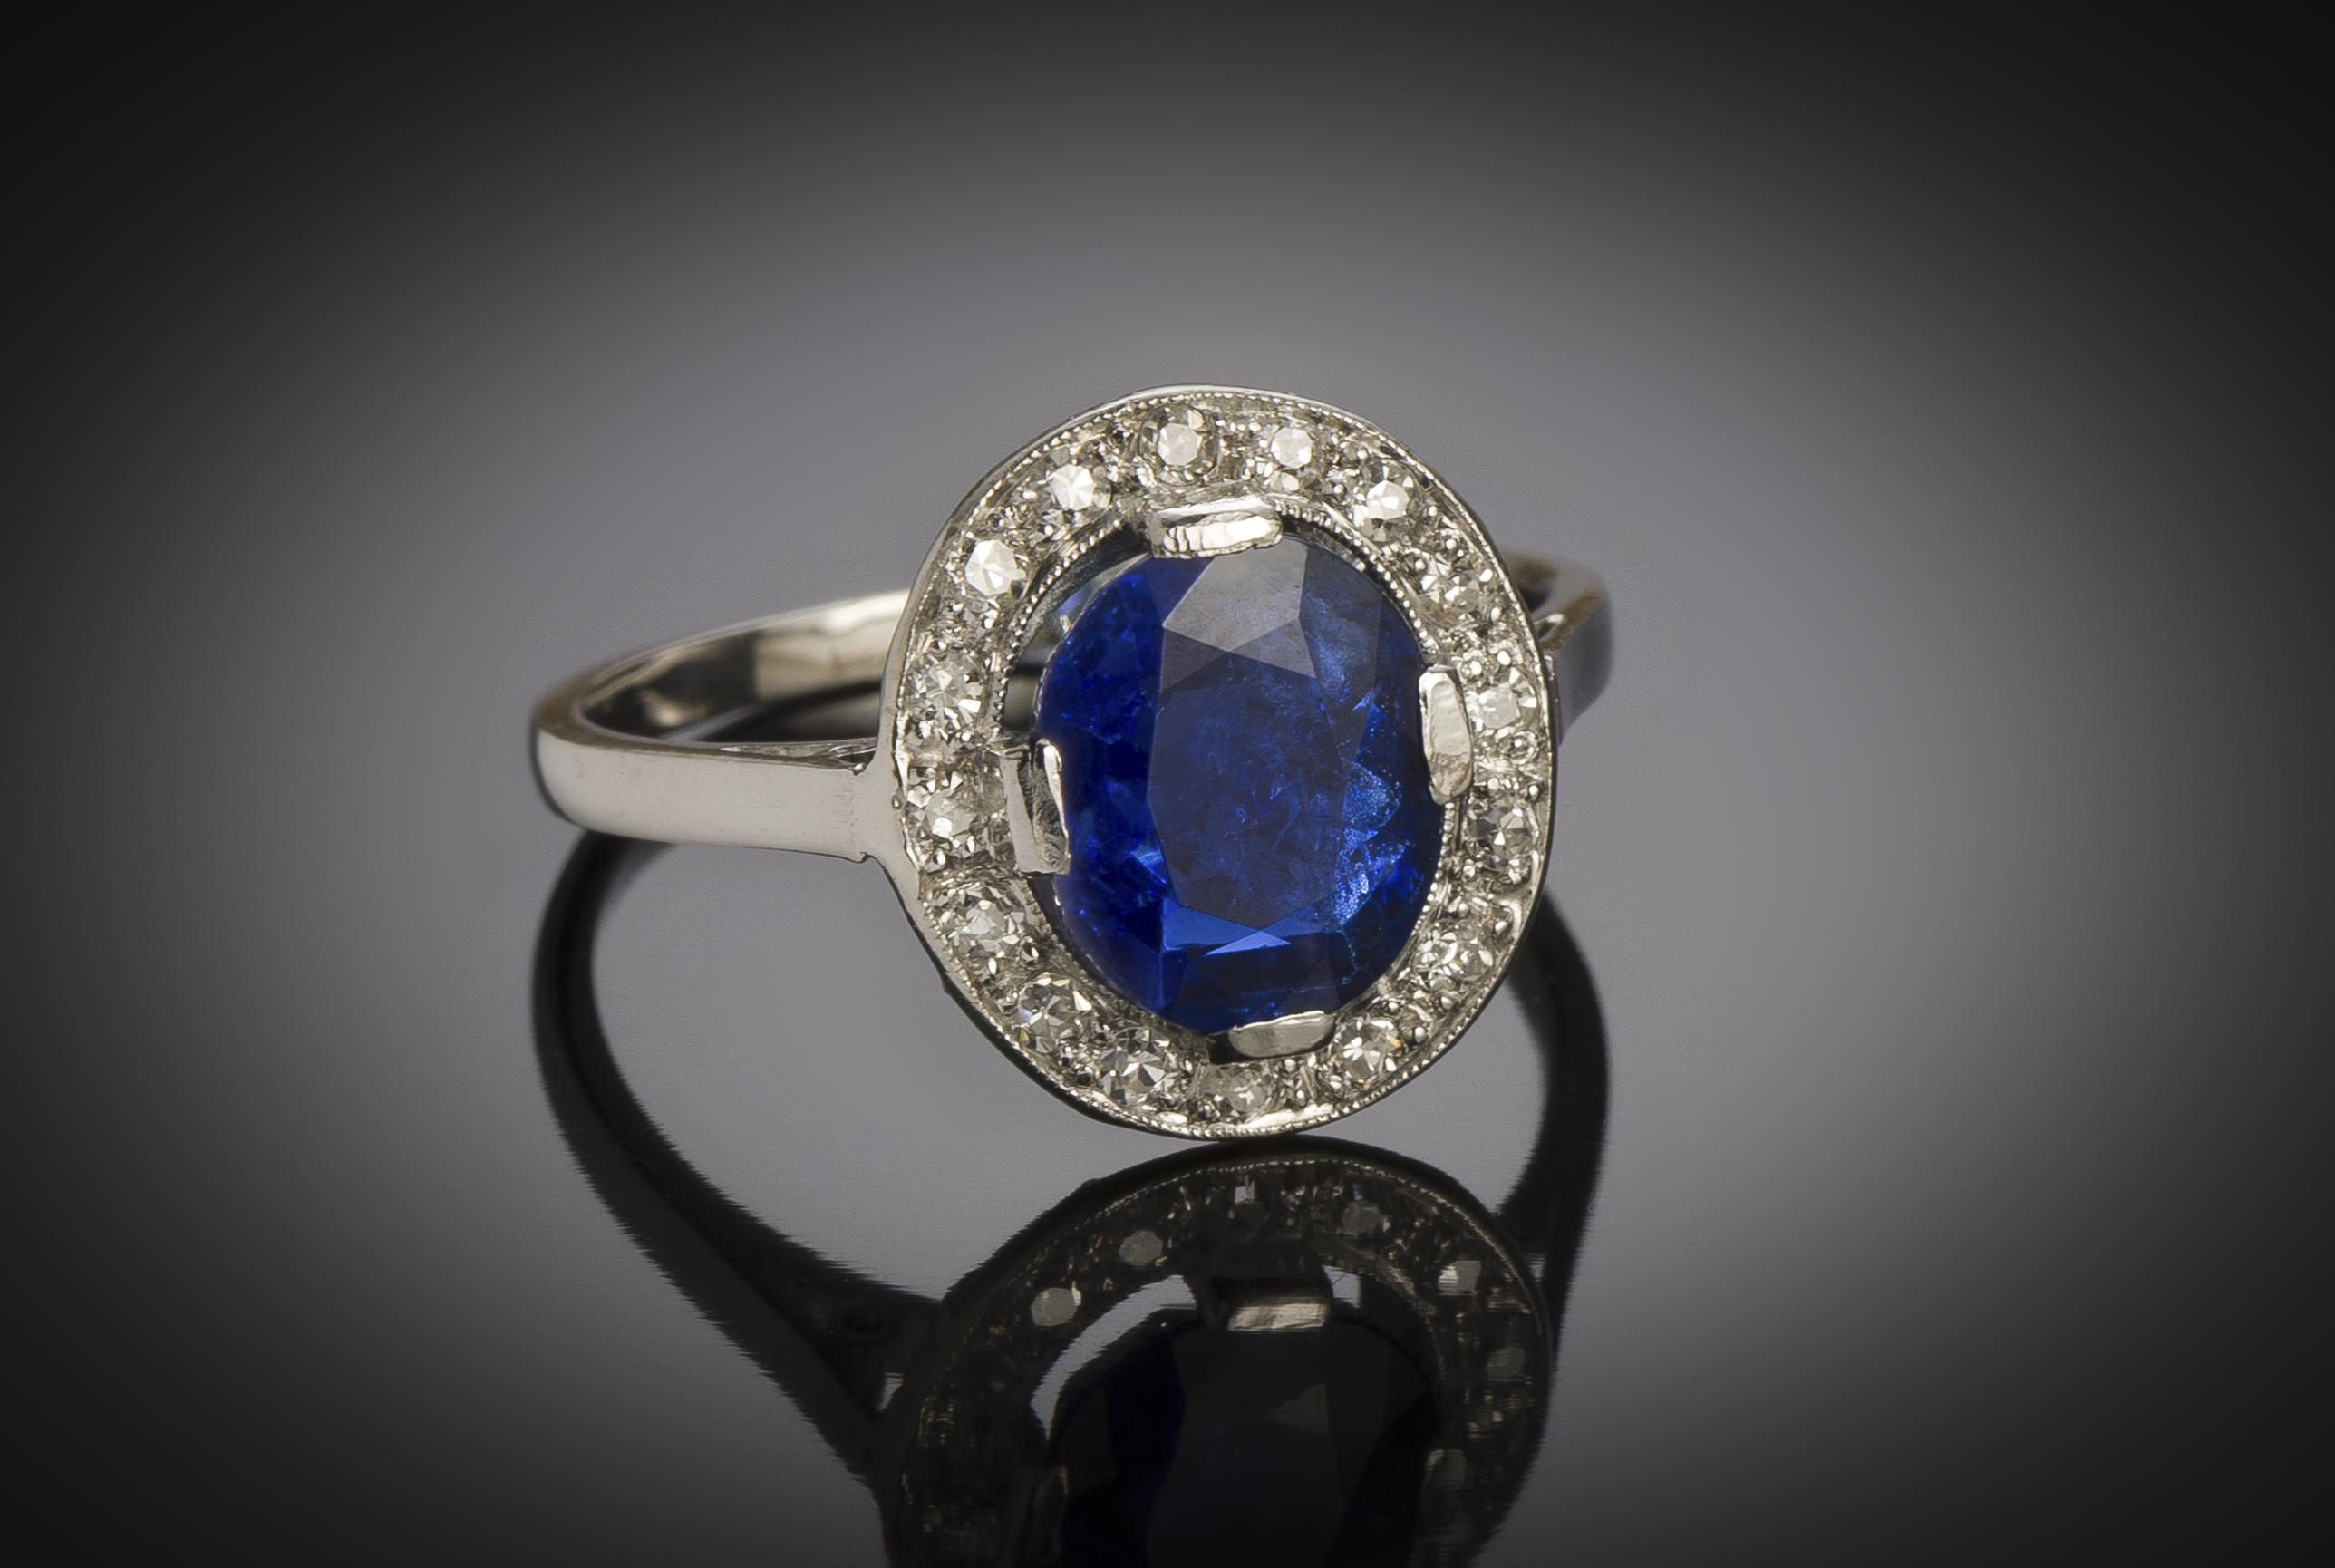 Bague Art Déco saphir naturel, non chauffé (certificat laboratoire) diamants-2